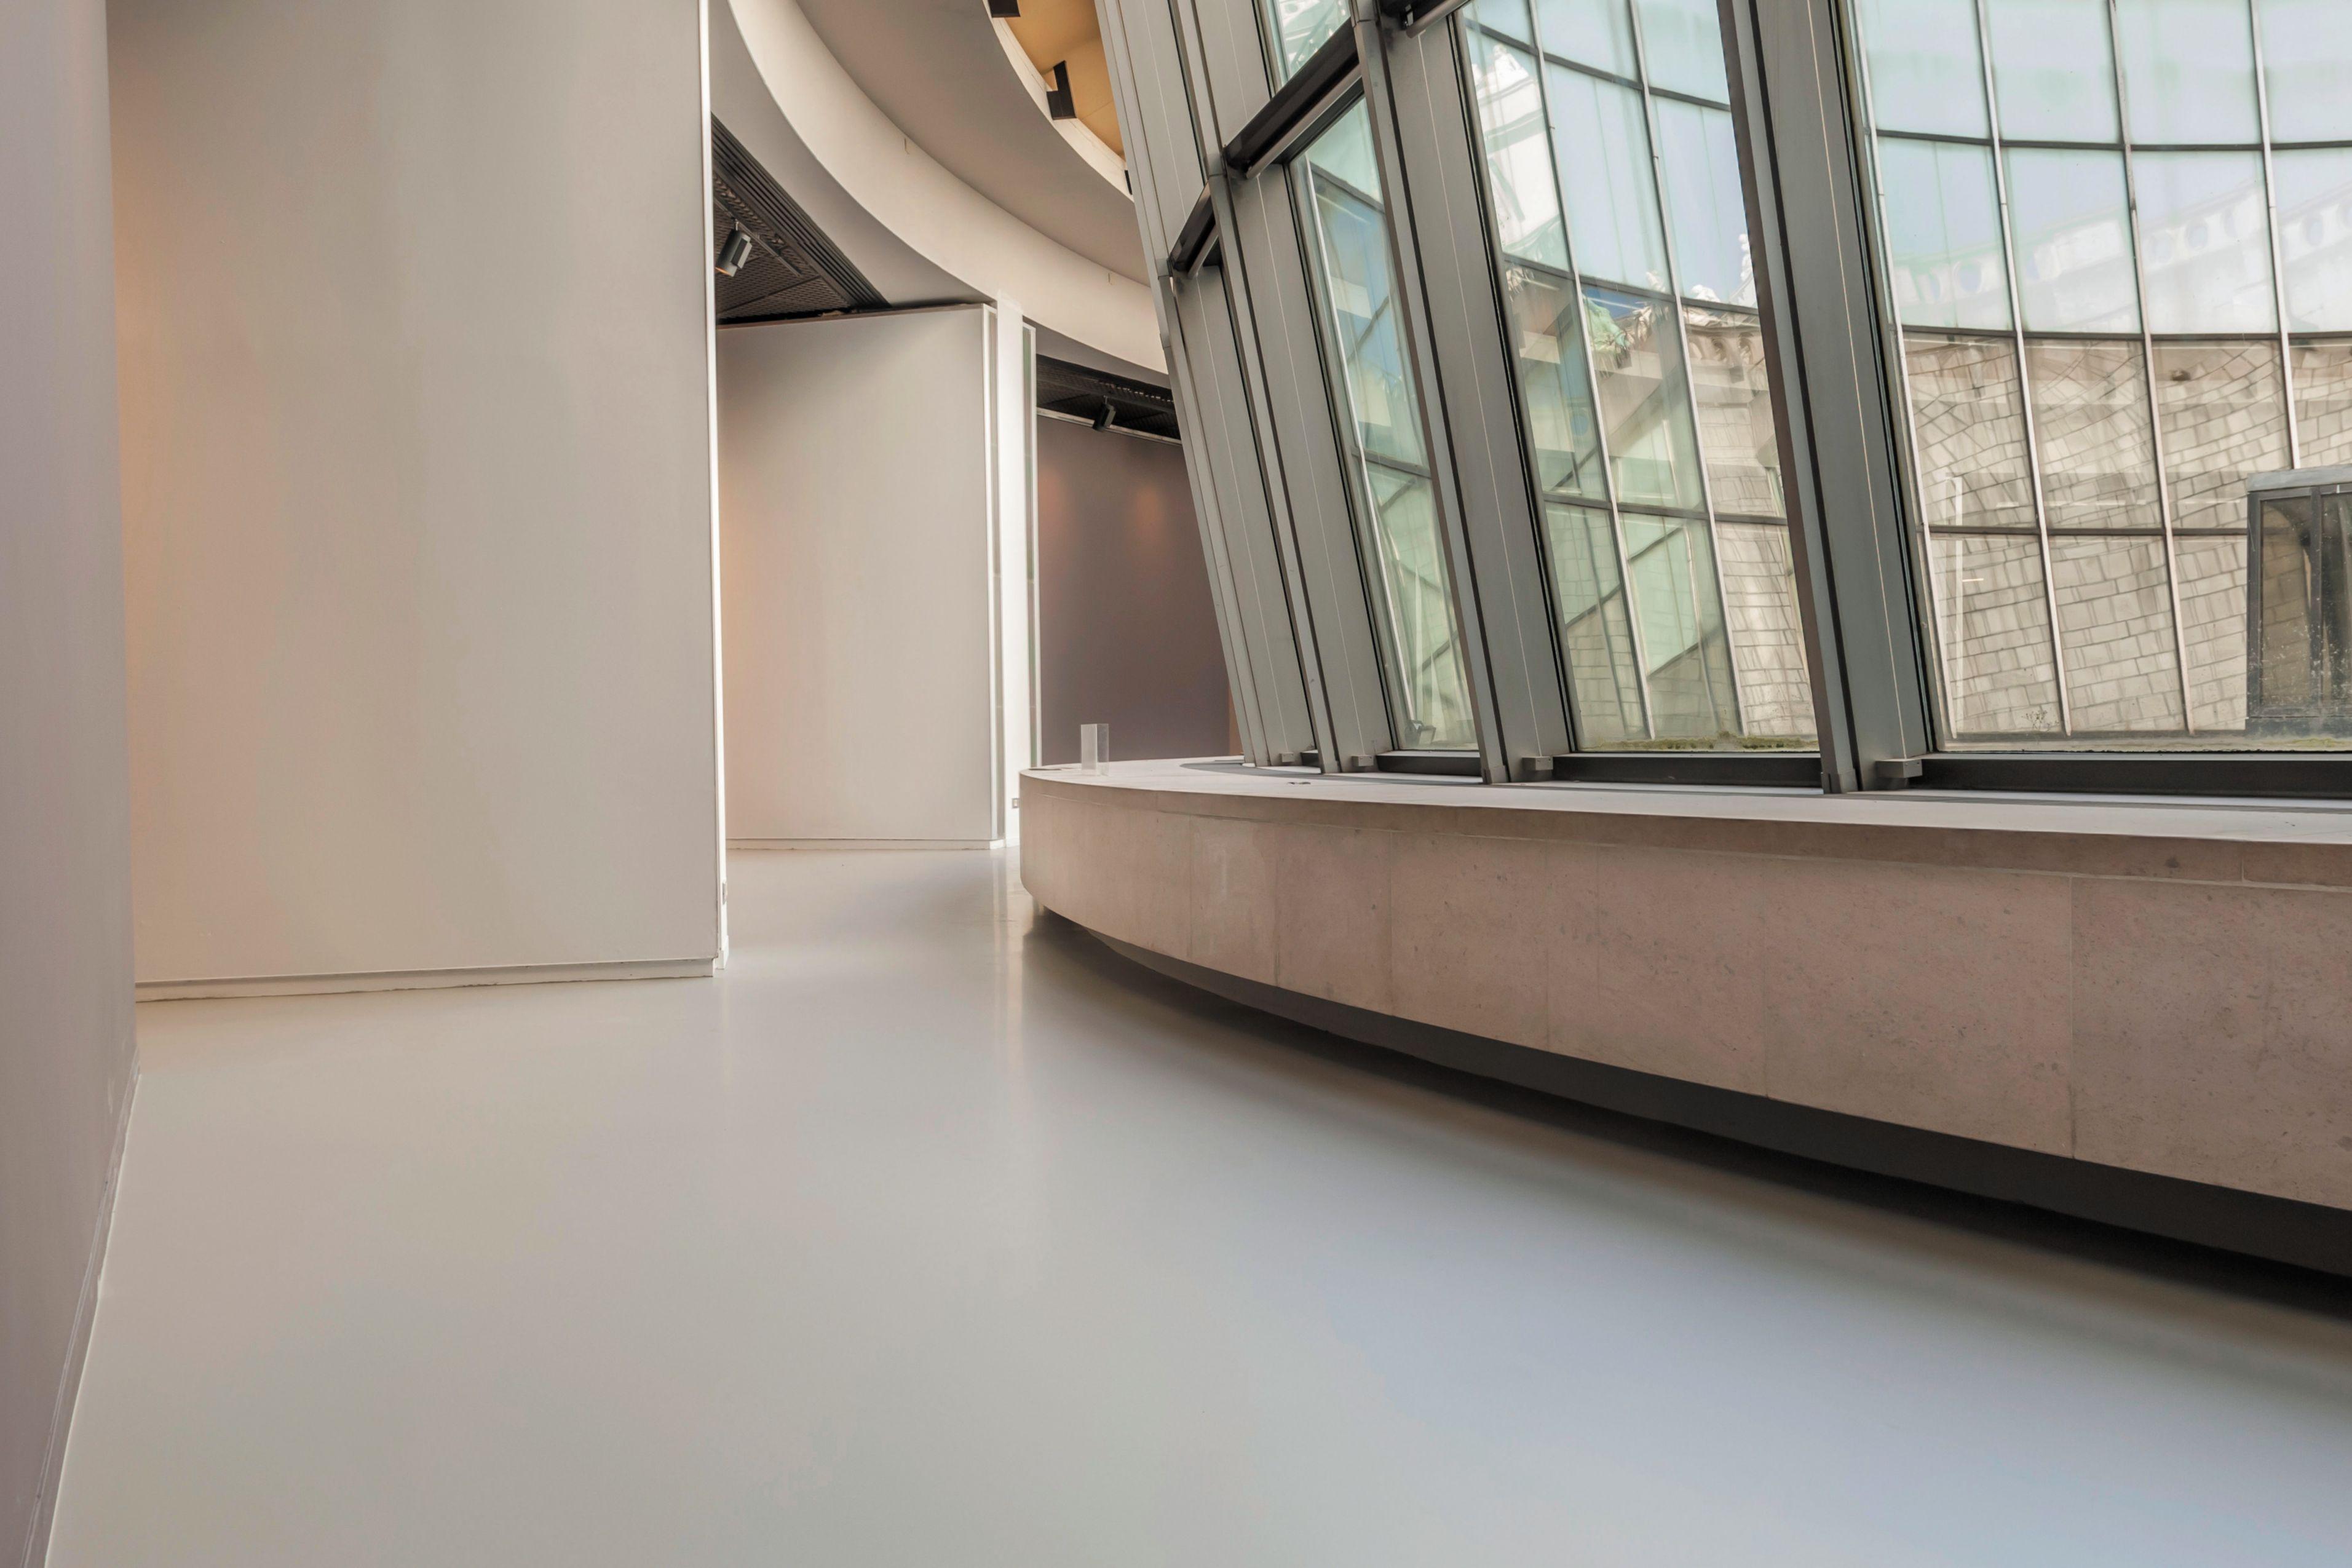 Sika ComfortFloor® grey floor in Fine Arts Museum lobby